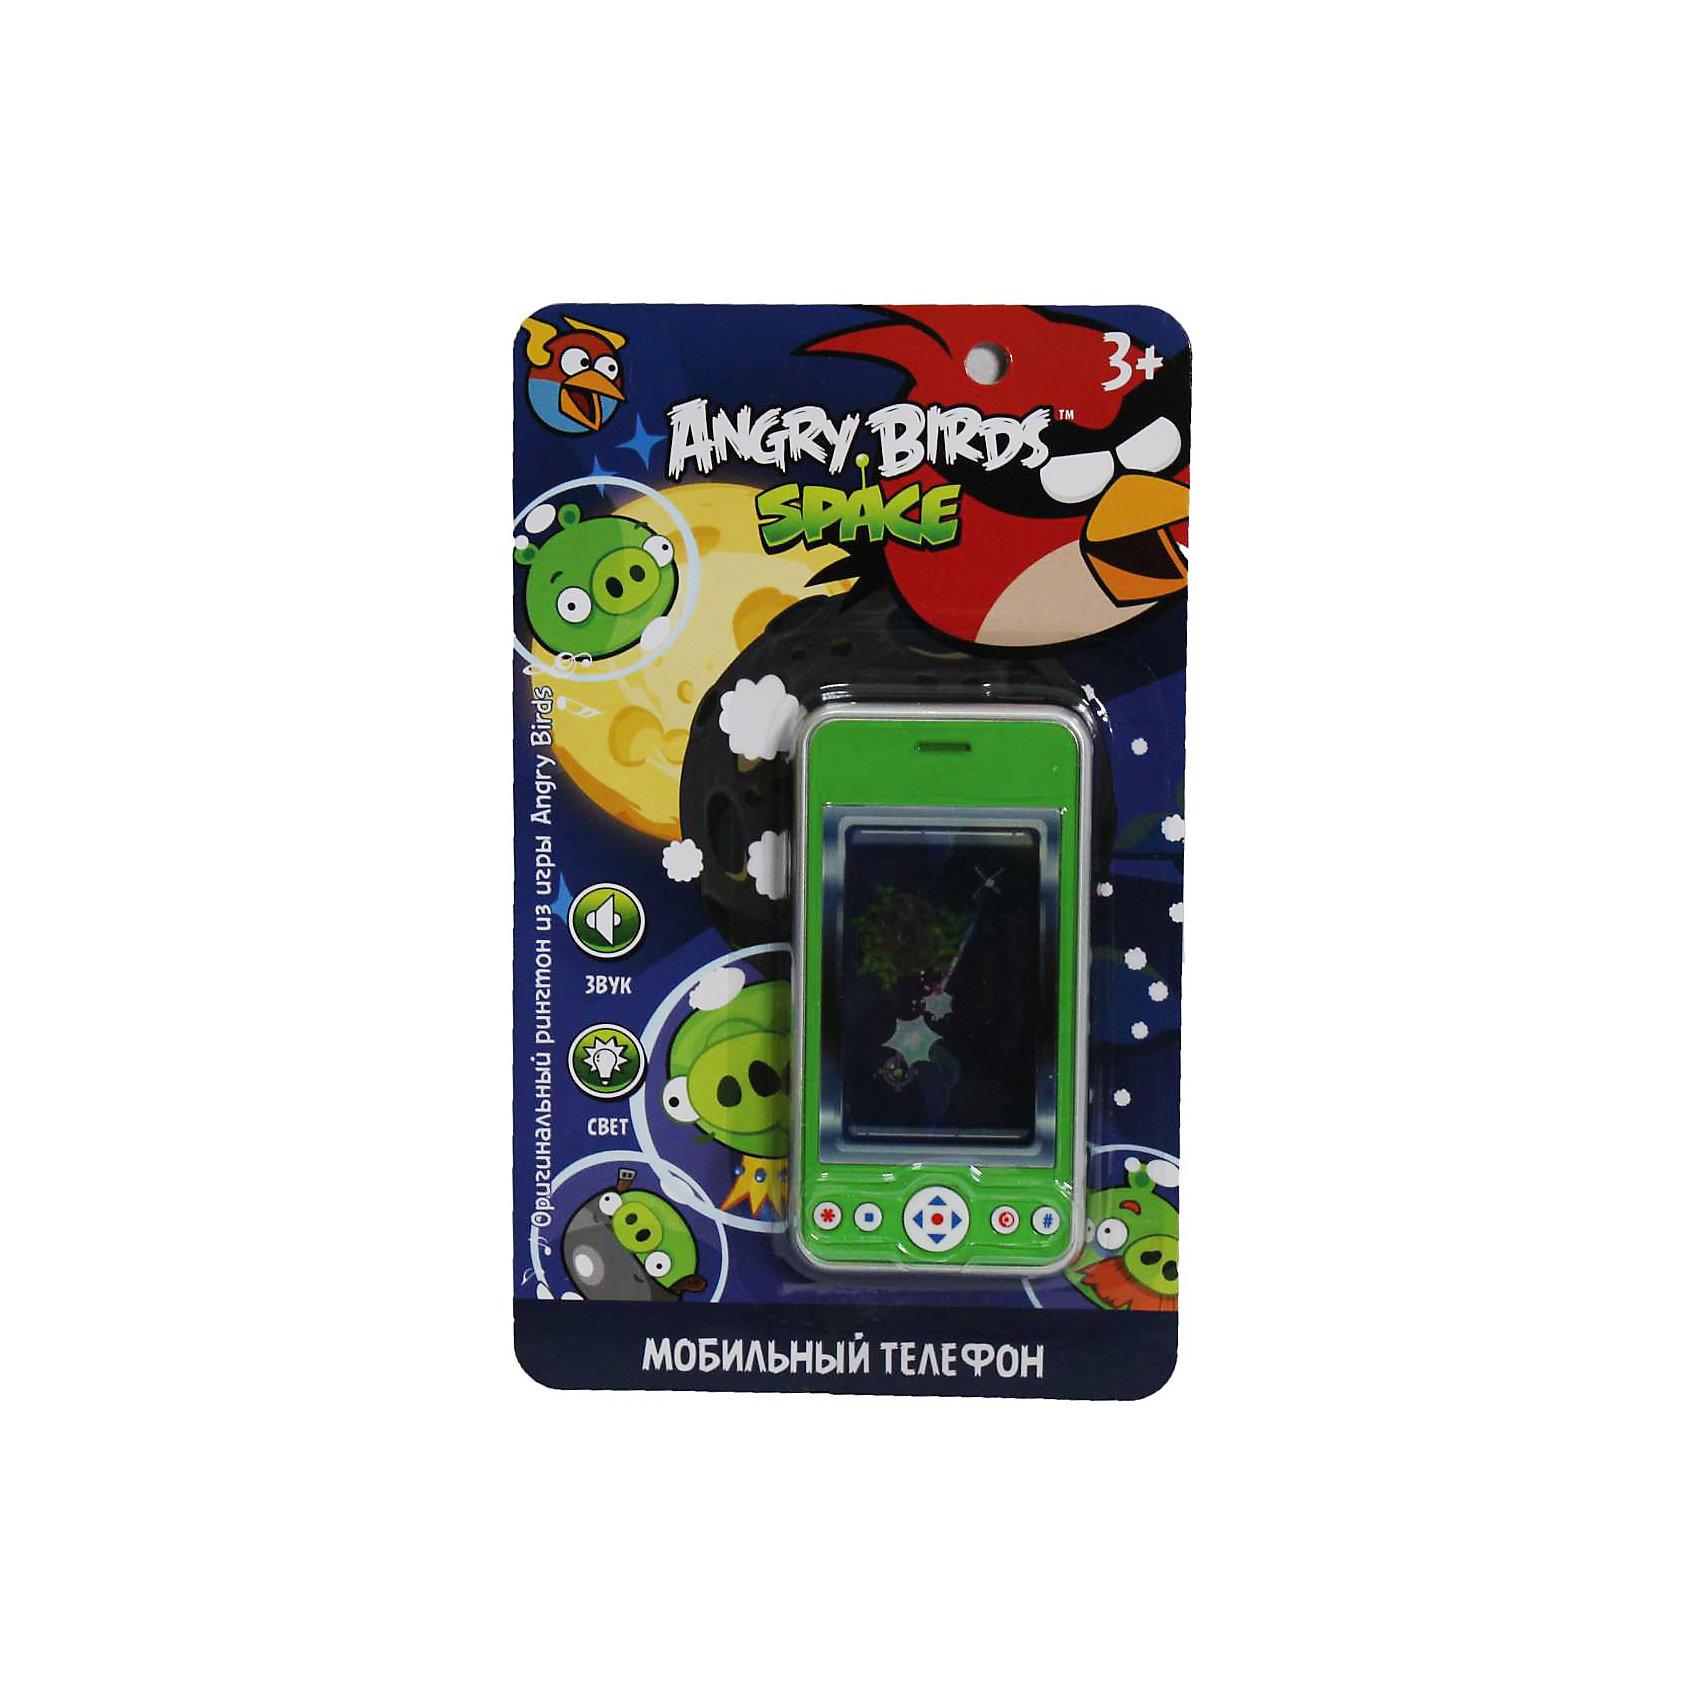 - Телефон со стилусом Айфон, Angry Birds, 1toy купить в минске айфон 4 с